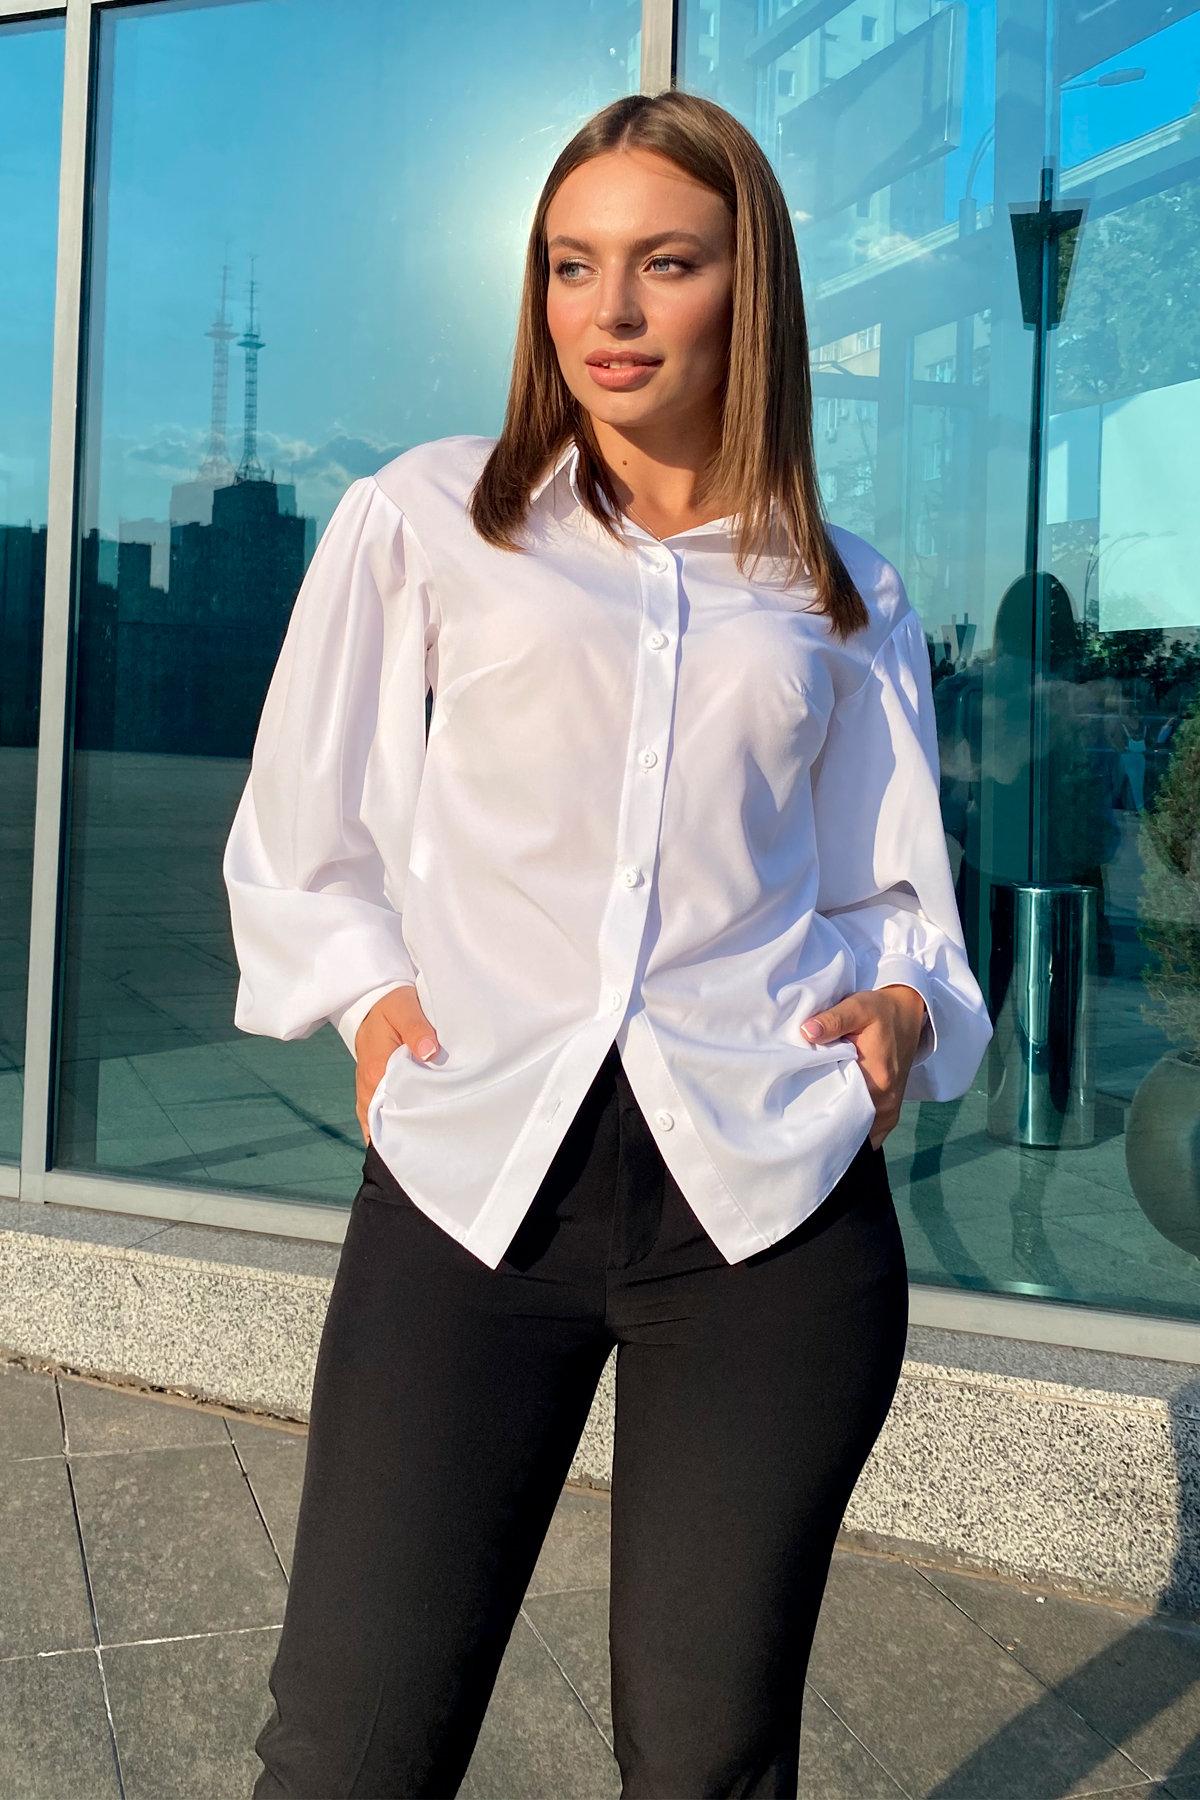 Блузка Гейм 9604 АРТ. 45924 Цвет: Белый - фото 3, интернет магазин tm-modus.ru